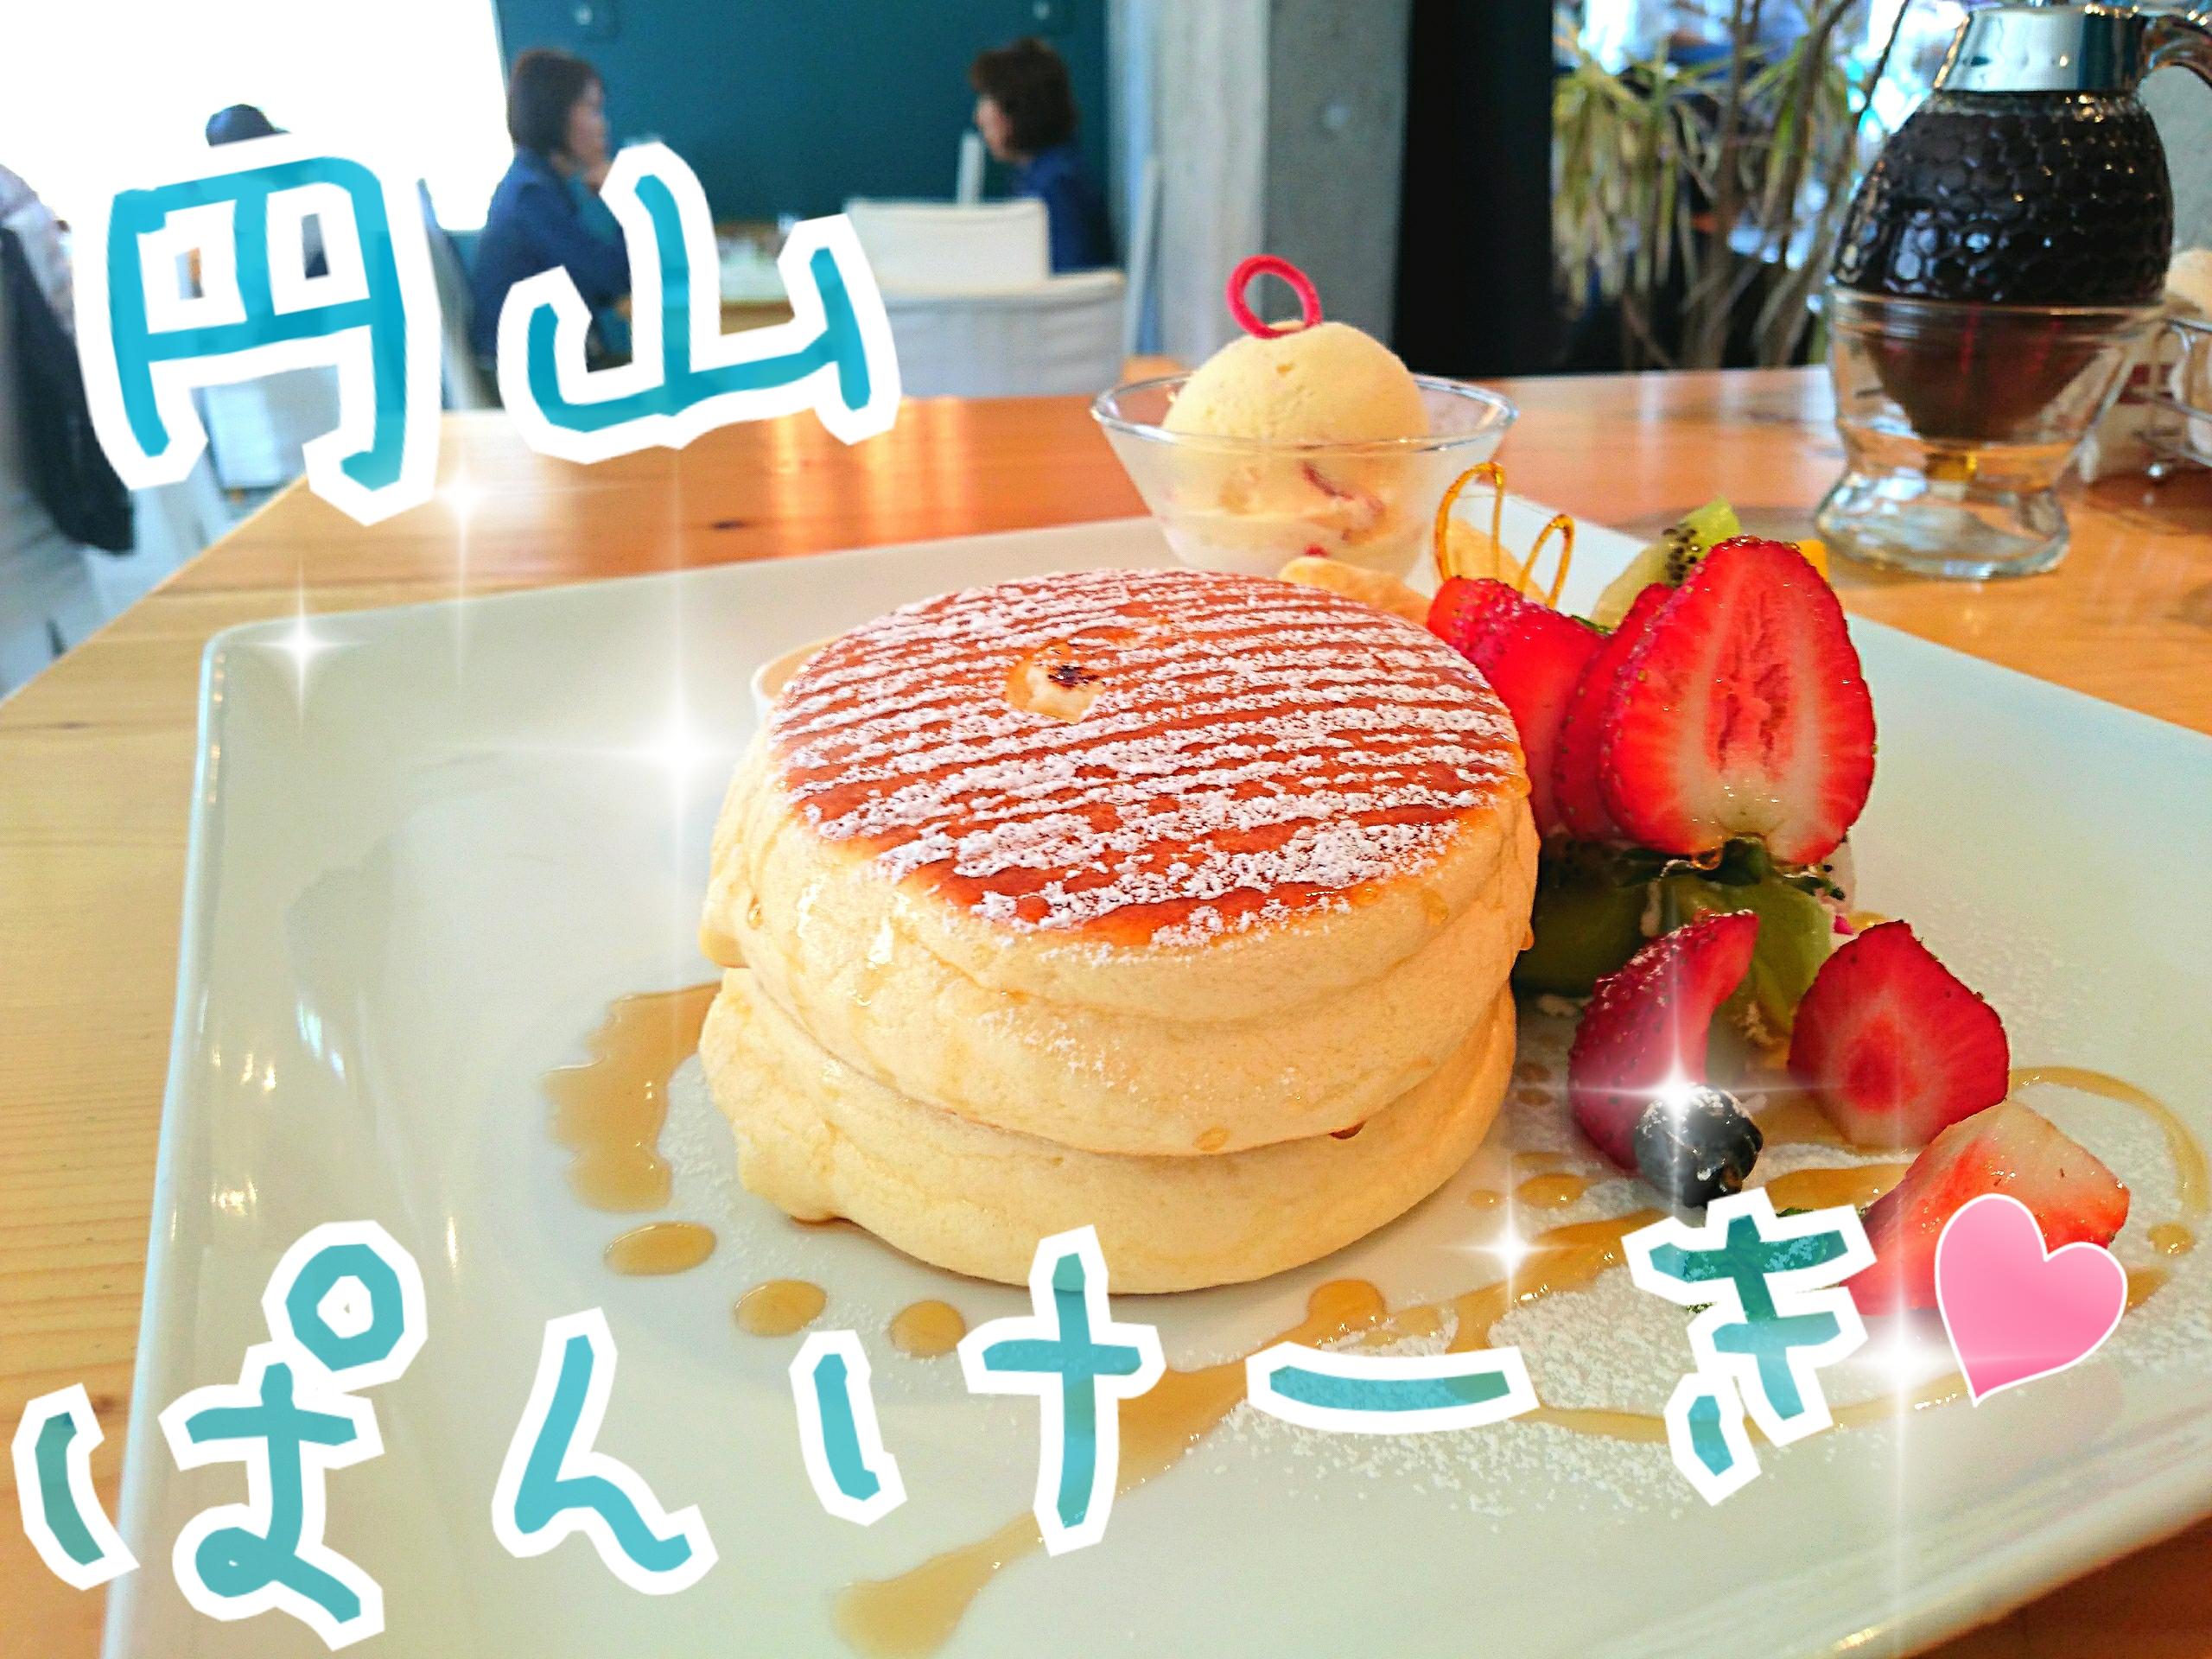 【札幌旅】念願の♡超人気!円山ぱんけーき♪